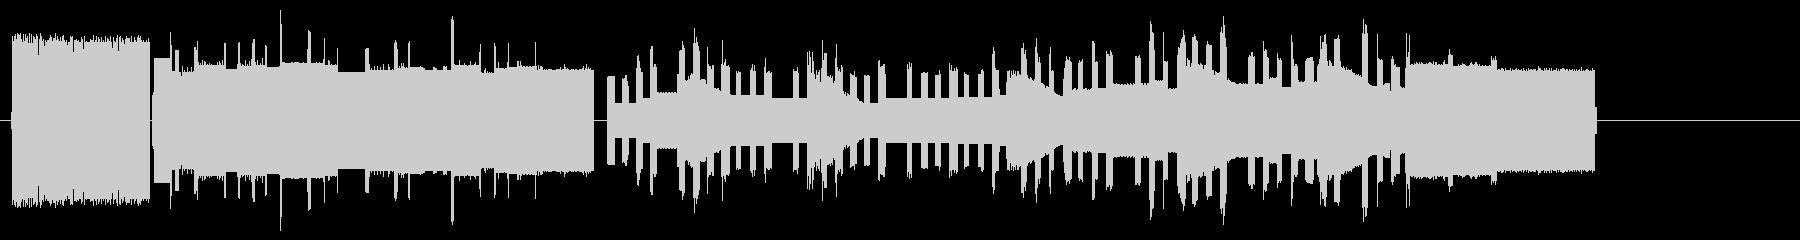 ビデオゲームの音楽作品。 80年代...の未再生の波形